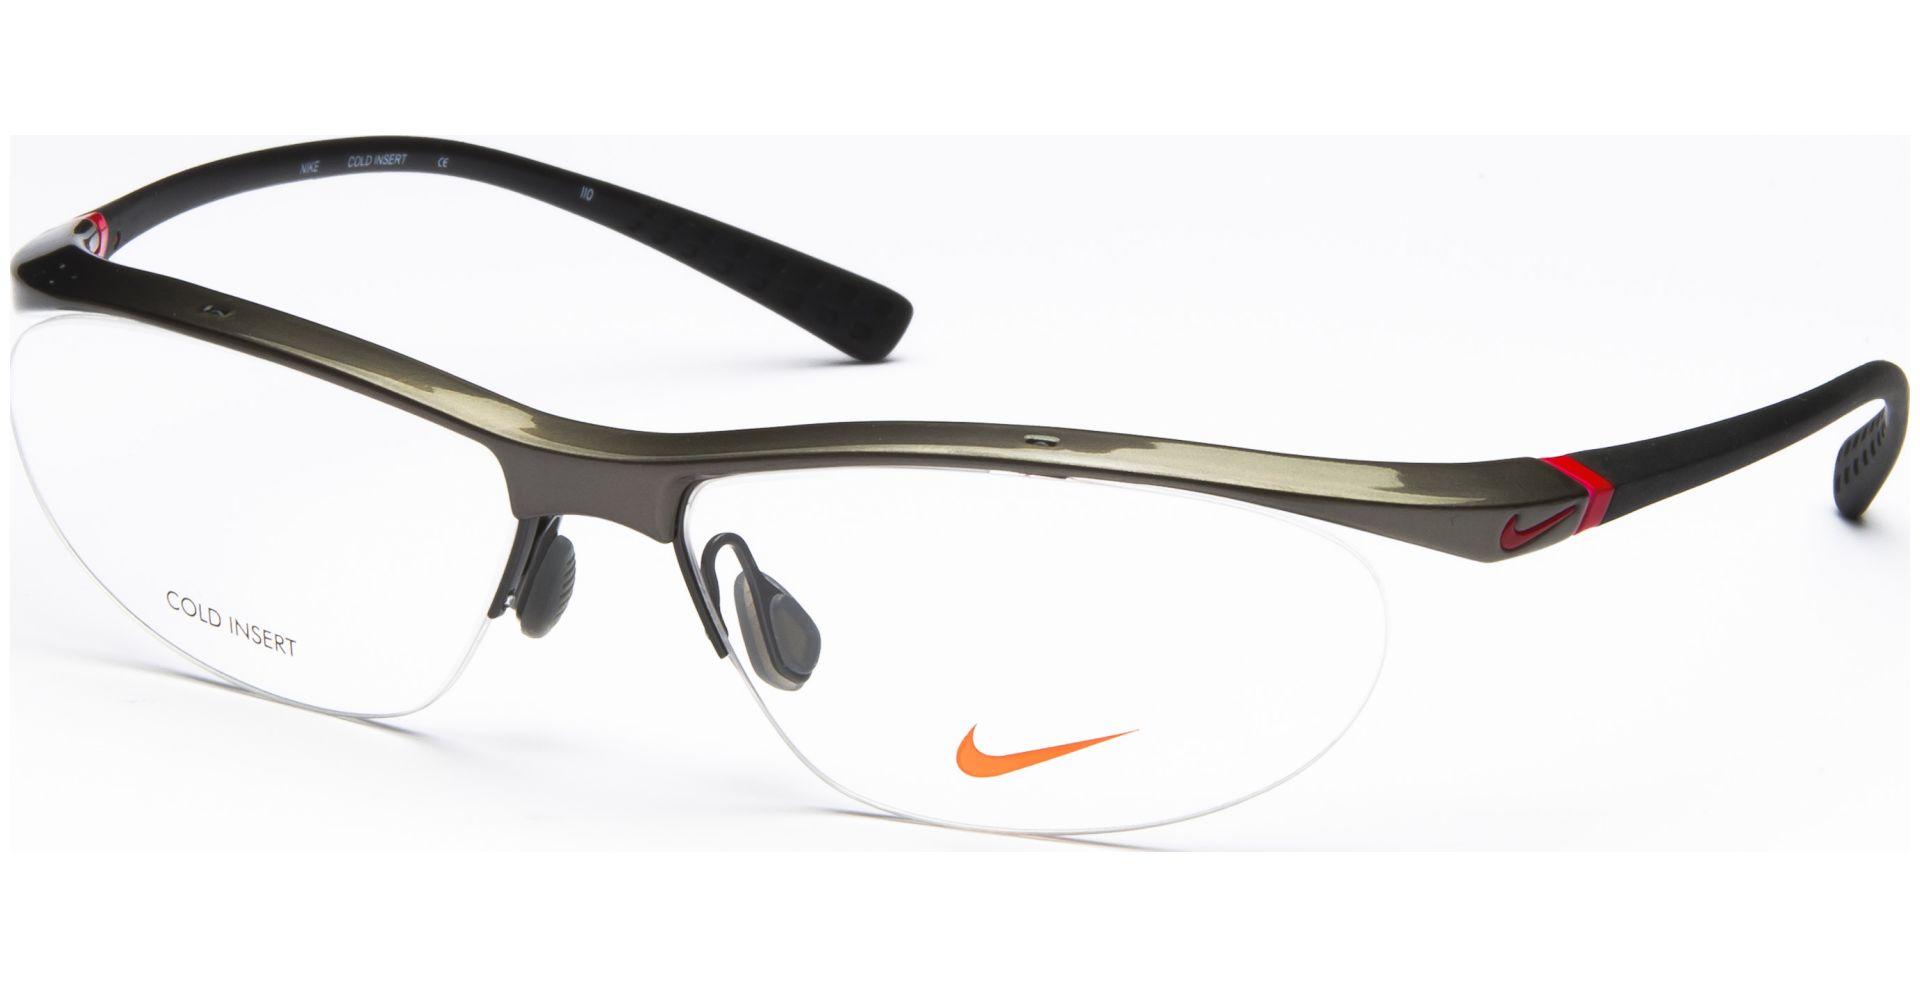 Nike - 7070/2 035 5715 Stealth - von Lensbest